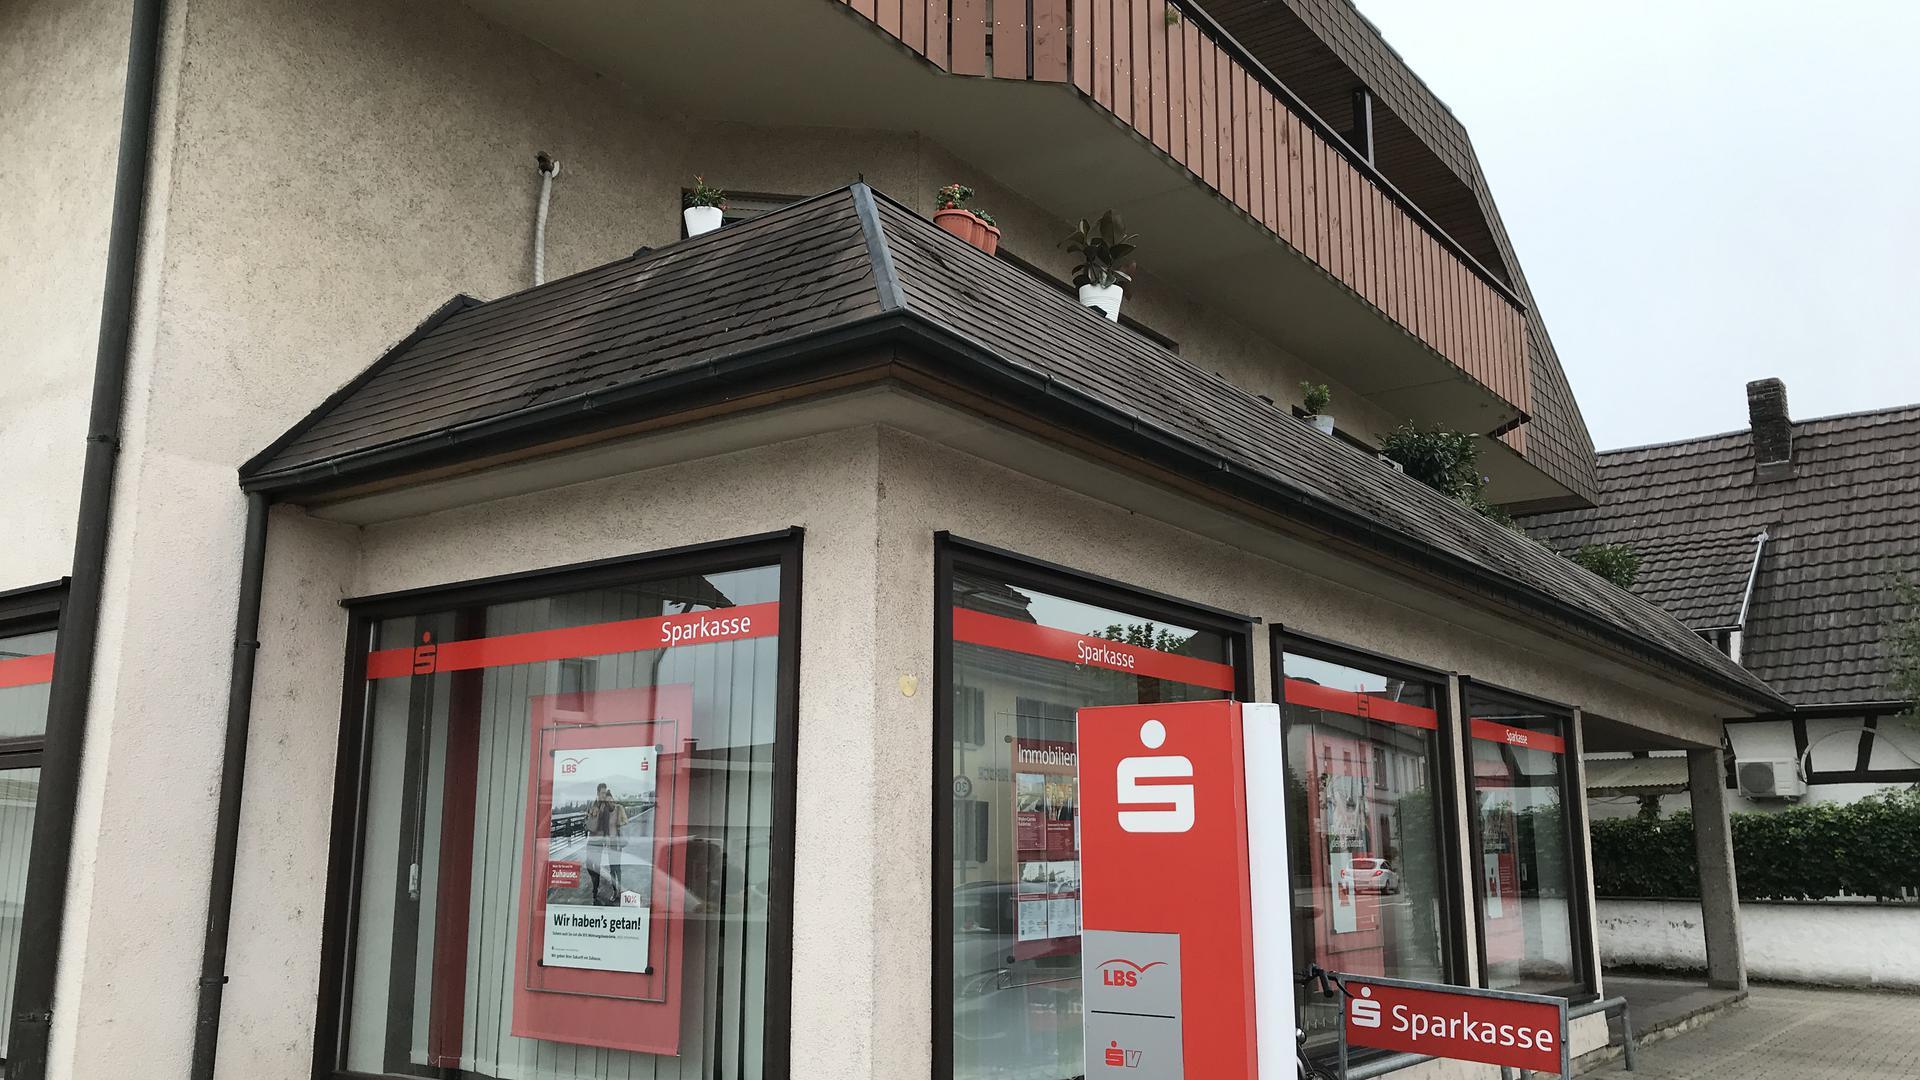 Die Sparkasse in der Hügelsheimer Hauptstraße: Am Dienstagmorgen war das Kreditinstitut Schauplatz eines versuchten bewaffneten Raubüberfalls.